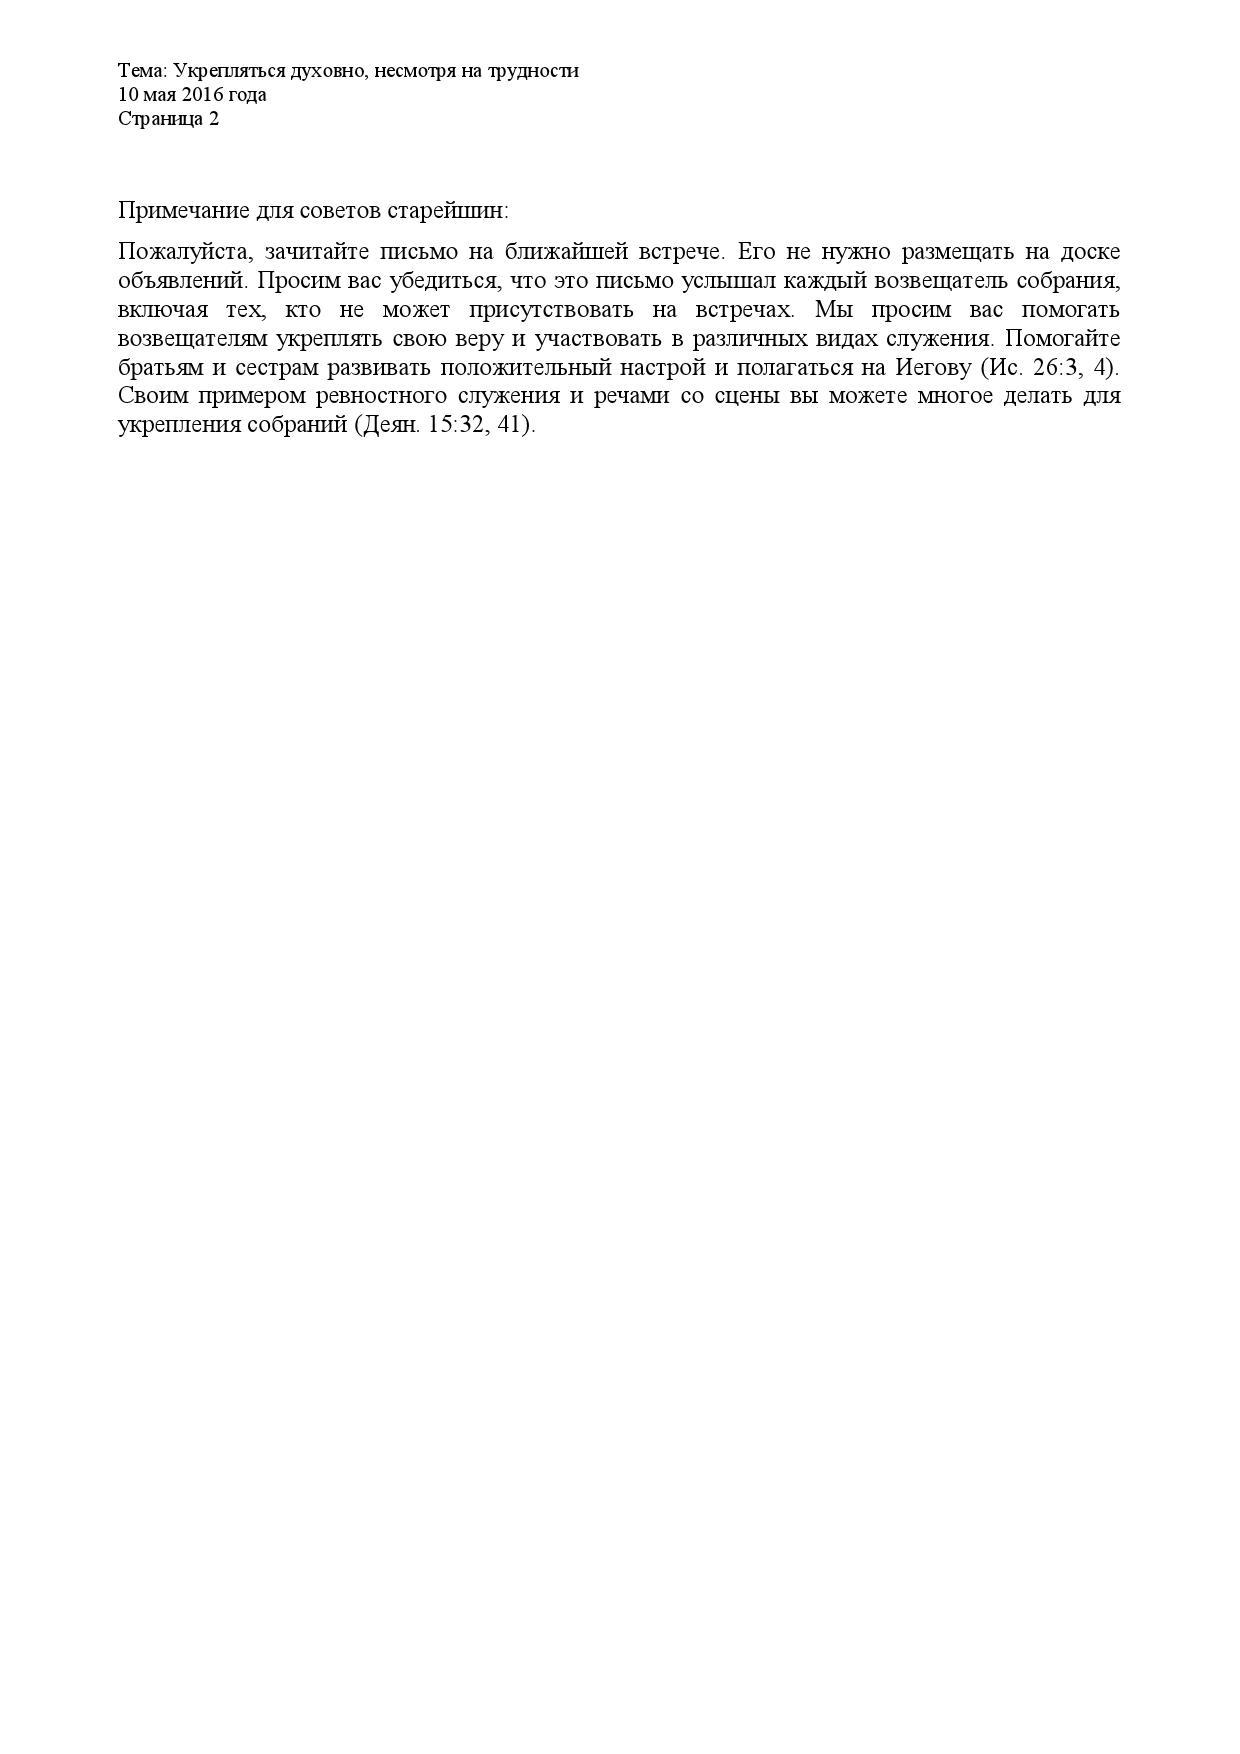 L-20160510-U-Rus-CNG_000002